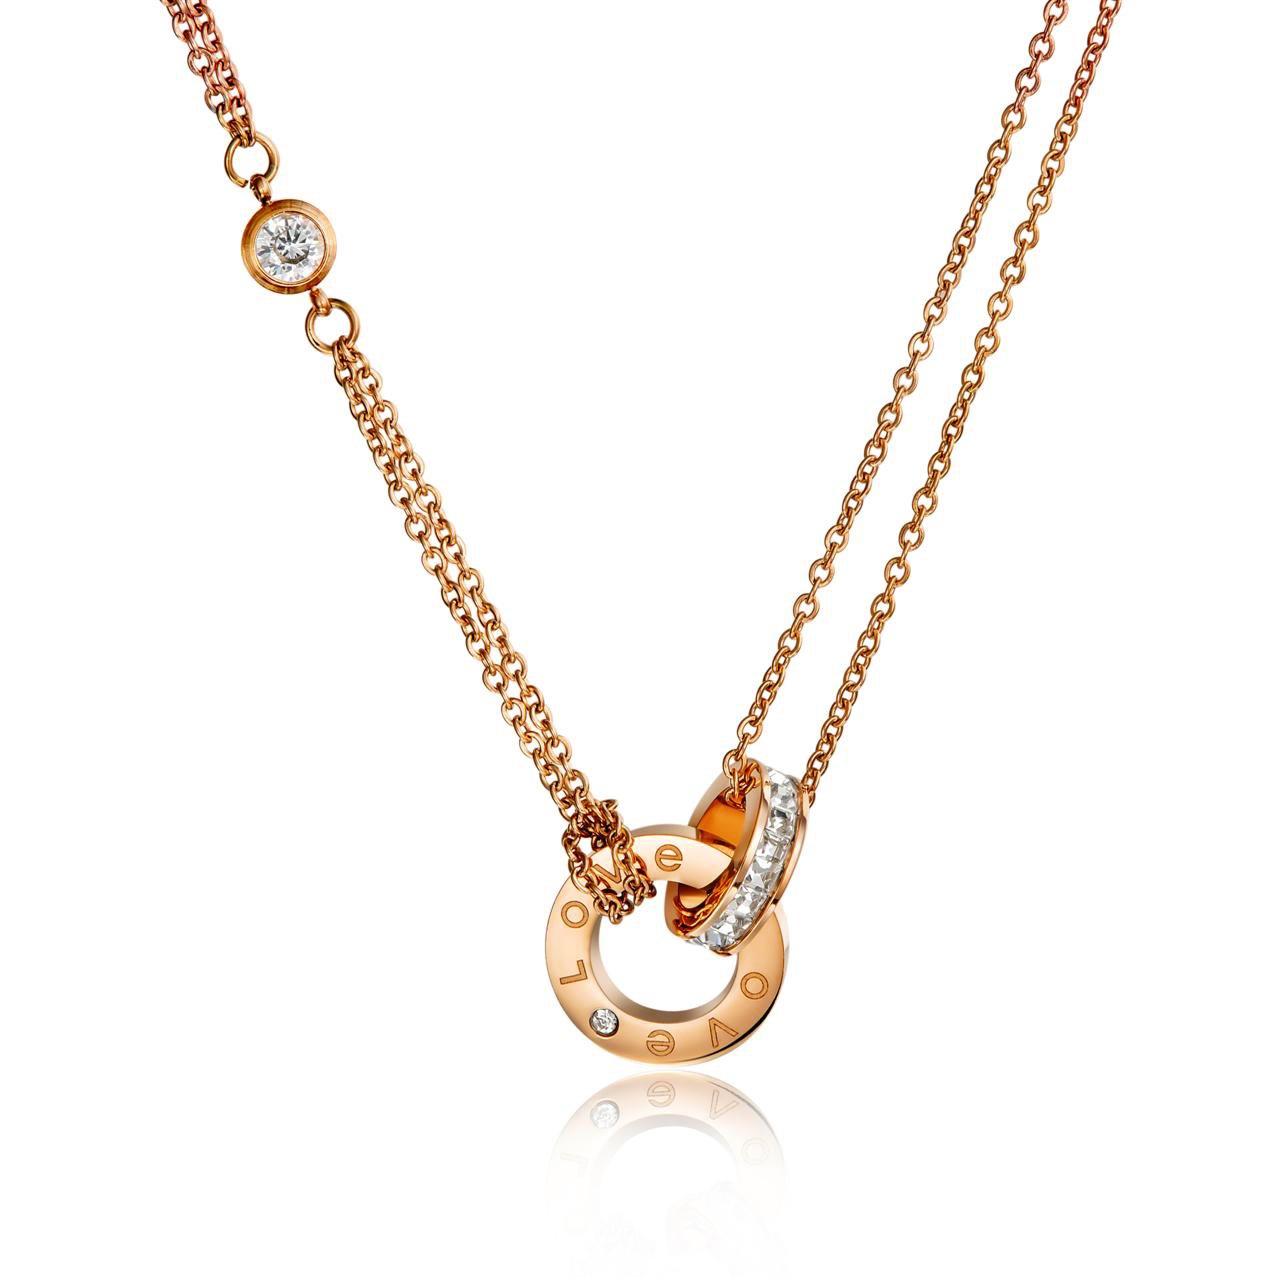 Findout 14K rosafarbenes Gold überzog Titanstahl-Liebesdoppelkreis Cubic Zircons hängende Halskette, für Frauenmädchen